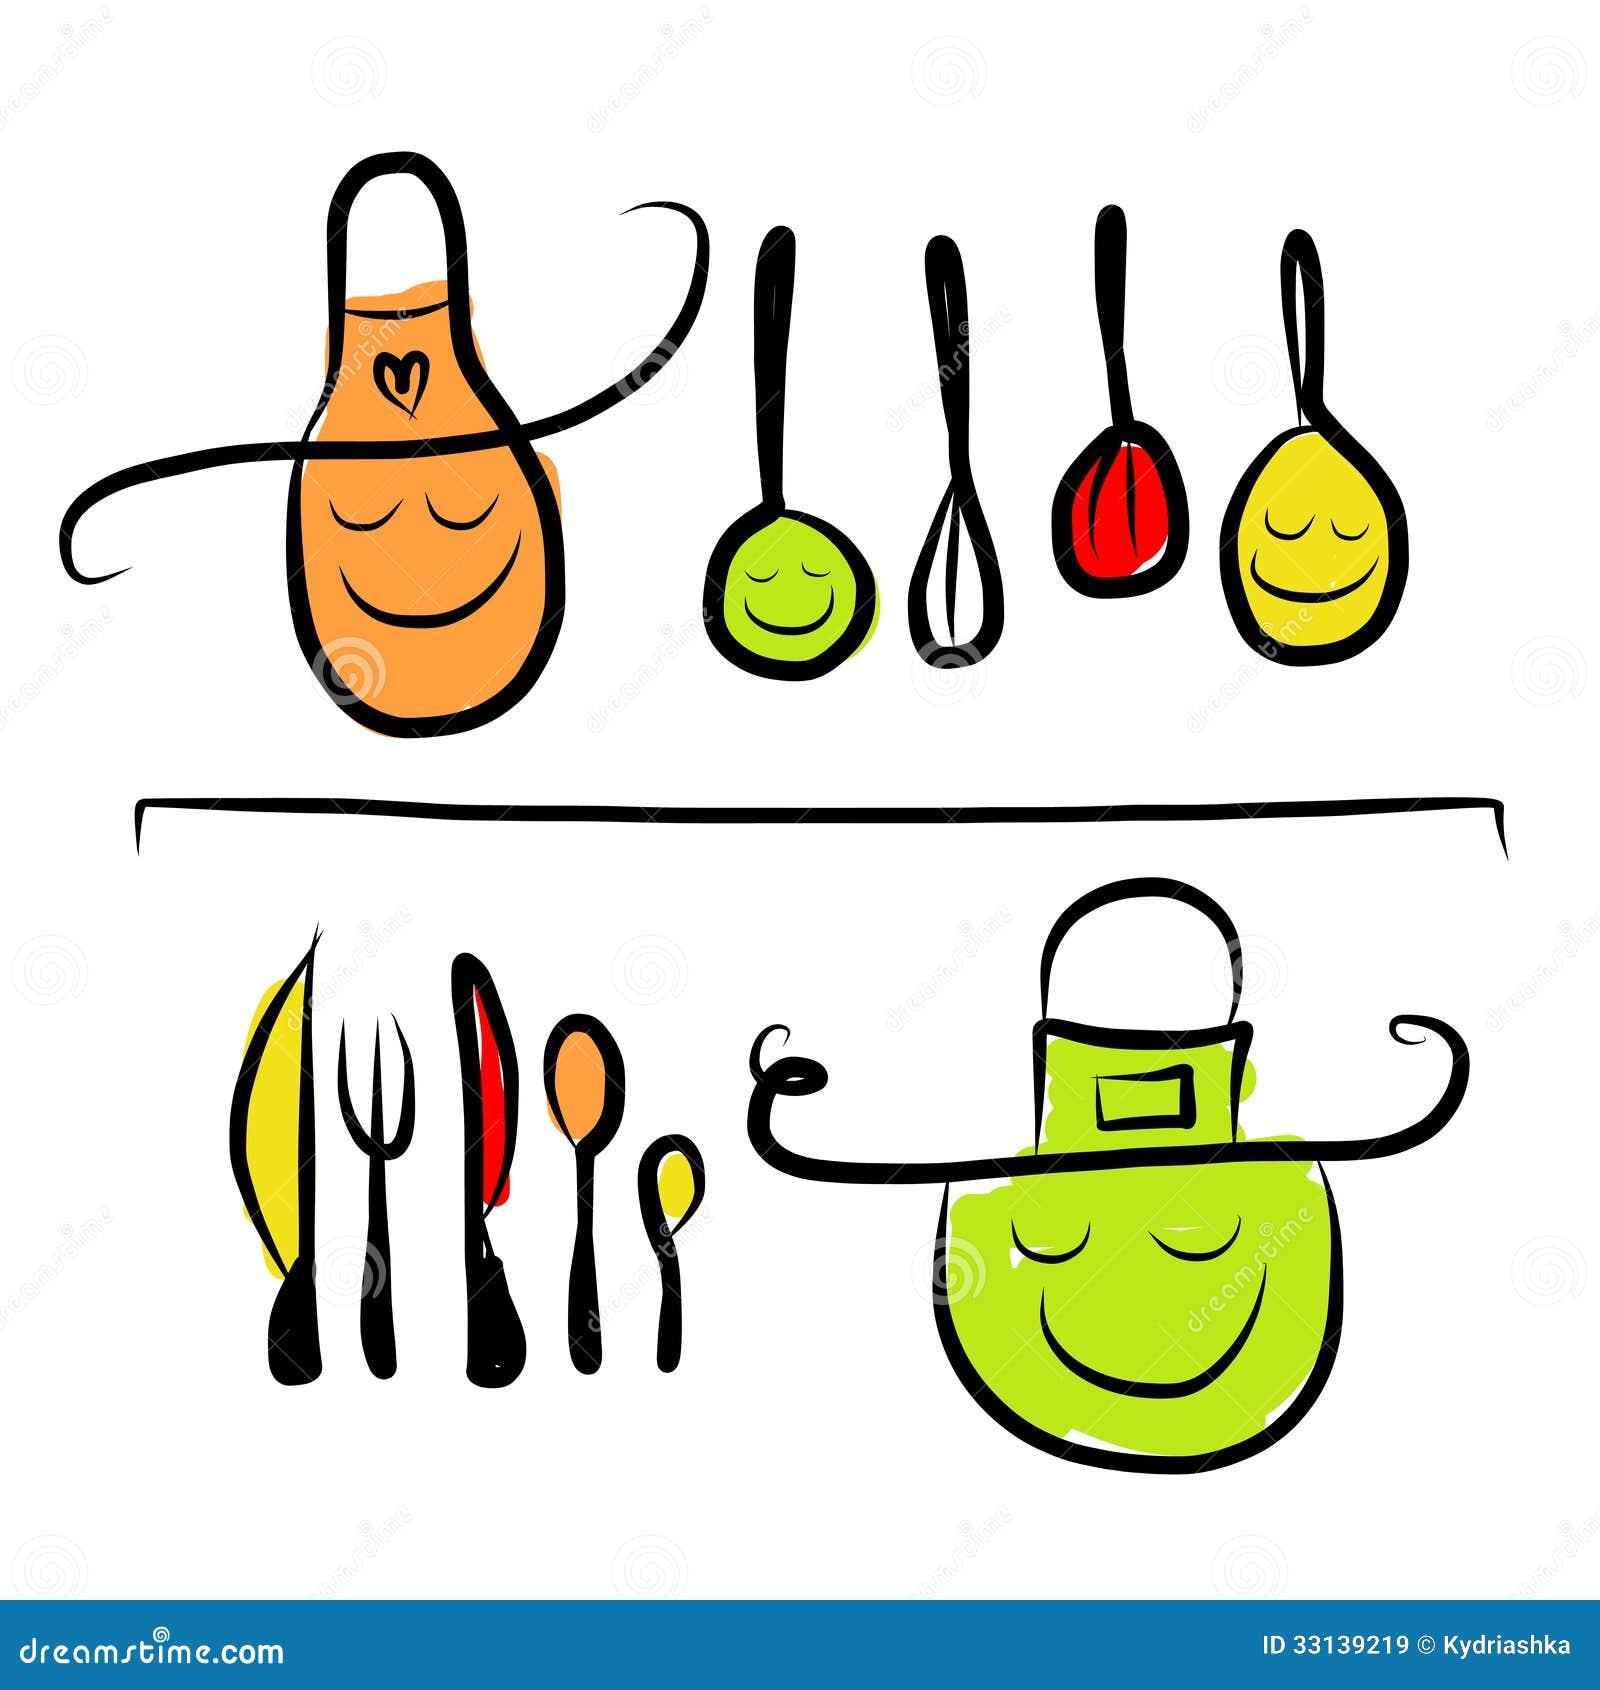 #C50606 Imagens de Stock Royalty Free: Caráteres em prateleiras esboço dos  1300x1390 px Nova Cozinha Desenhos Imagens_617 Imagens